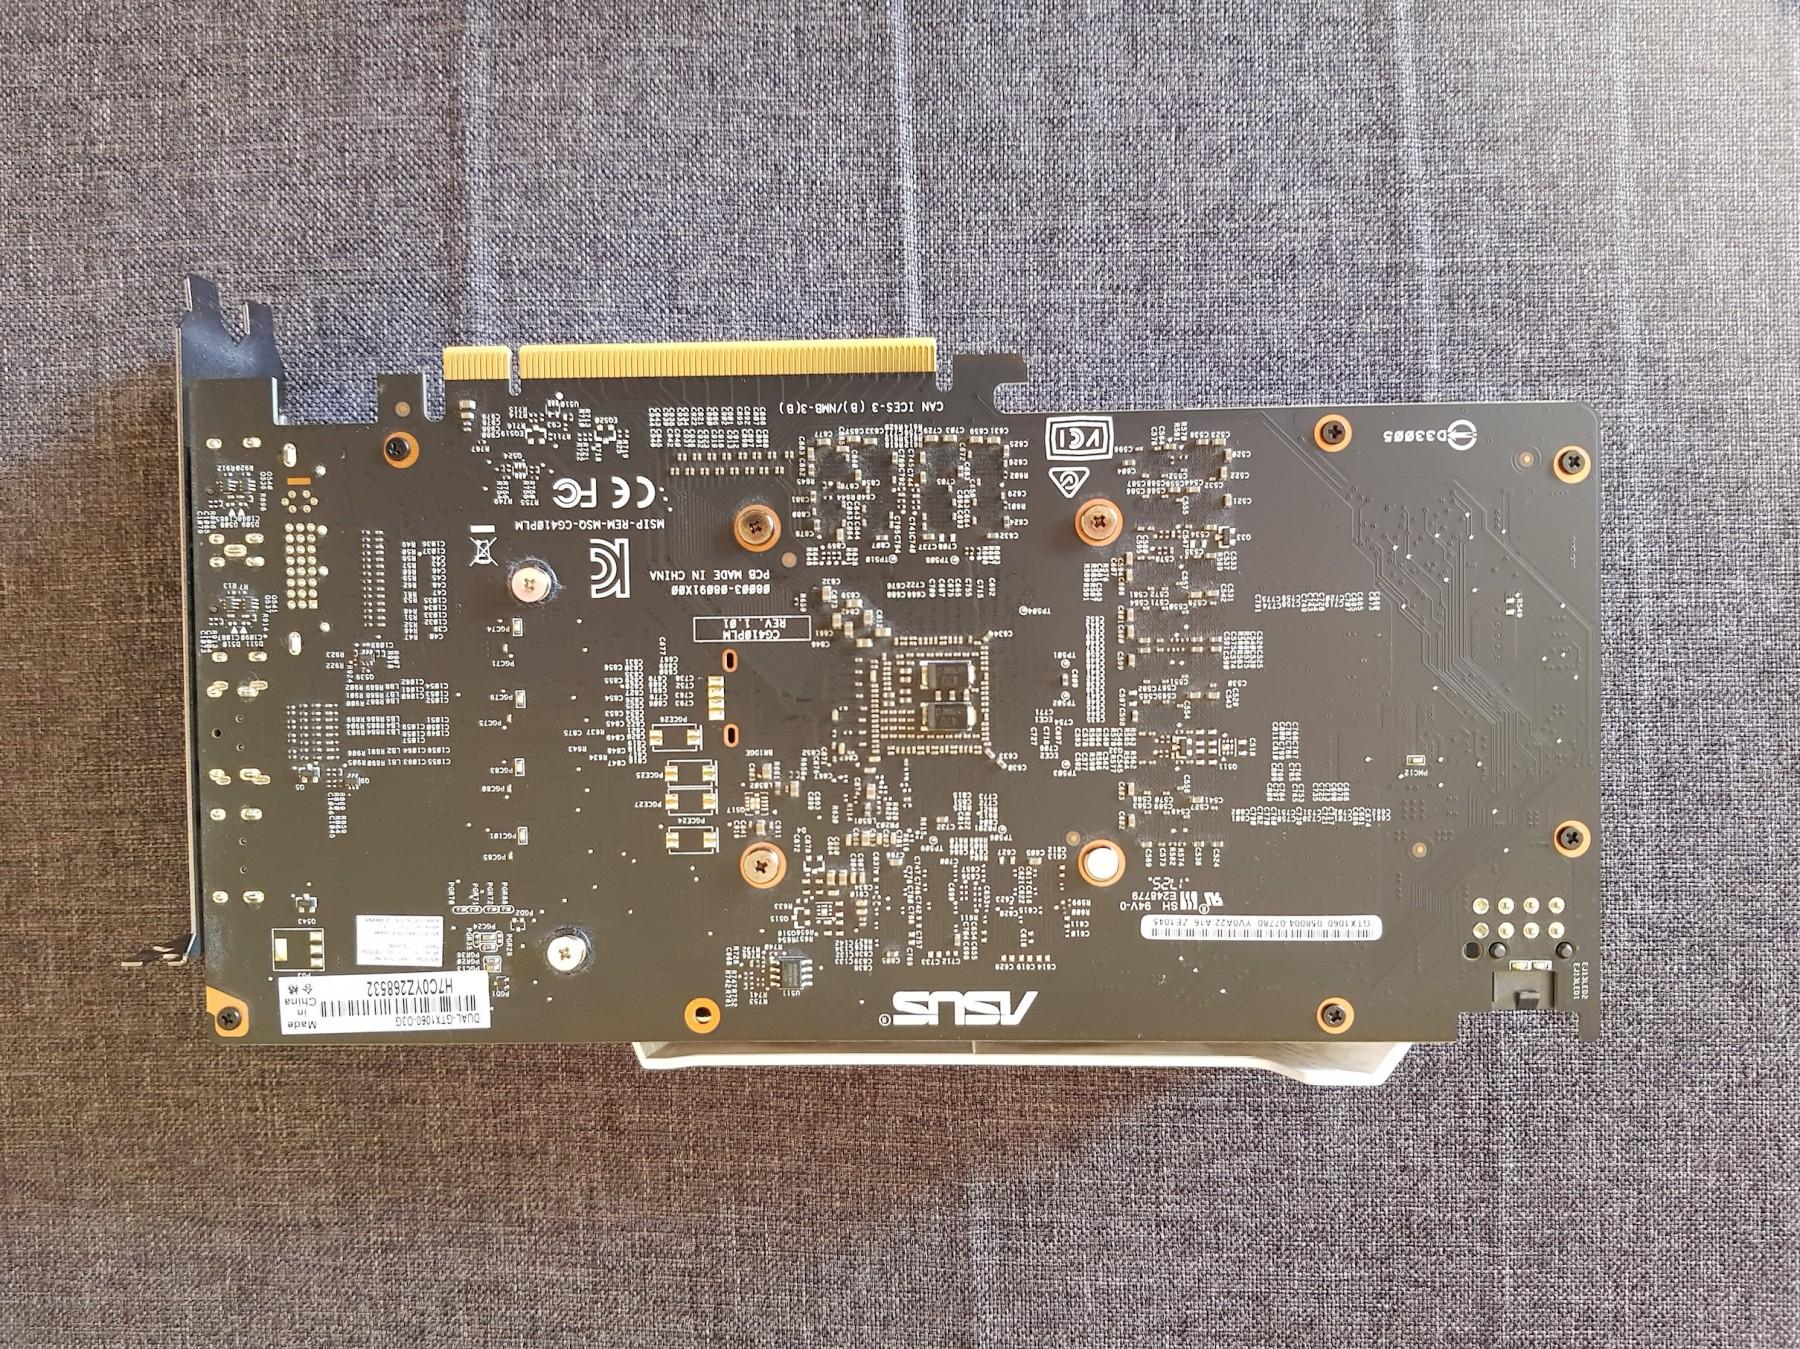 Asus GTX 1060 3GB OC Dual (69737649) - Limundo com